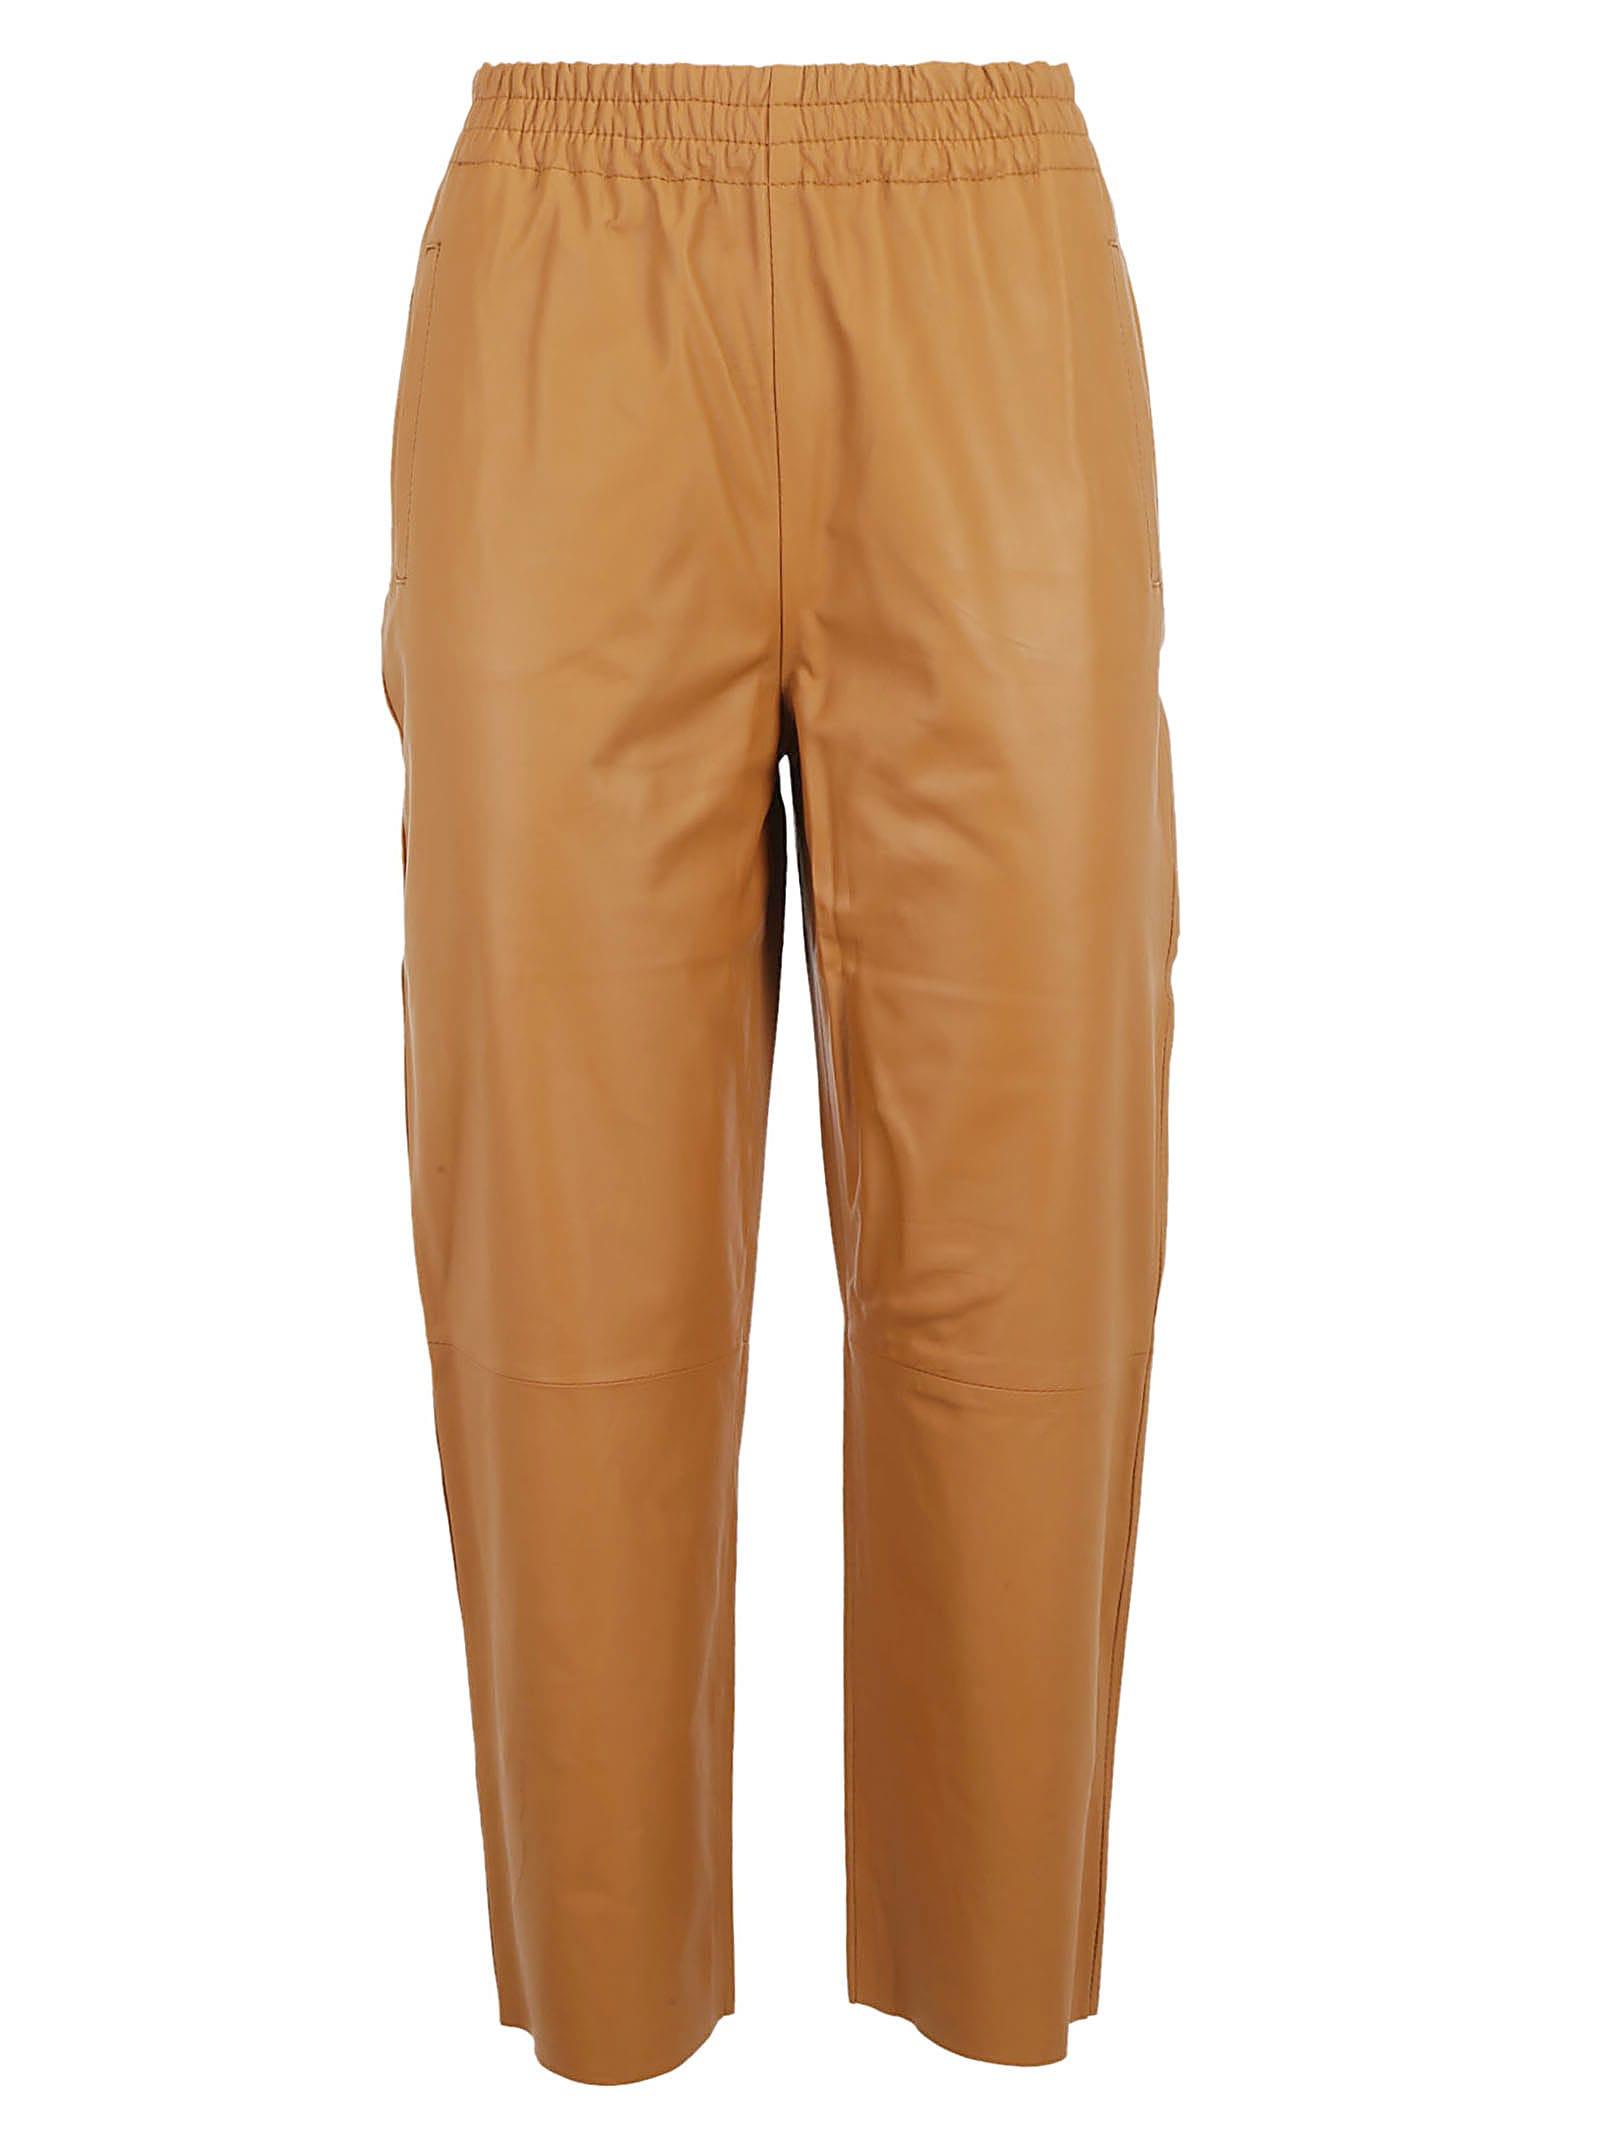 Pinko Leather Pants